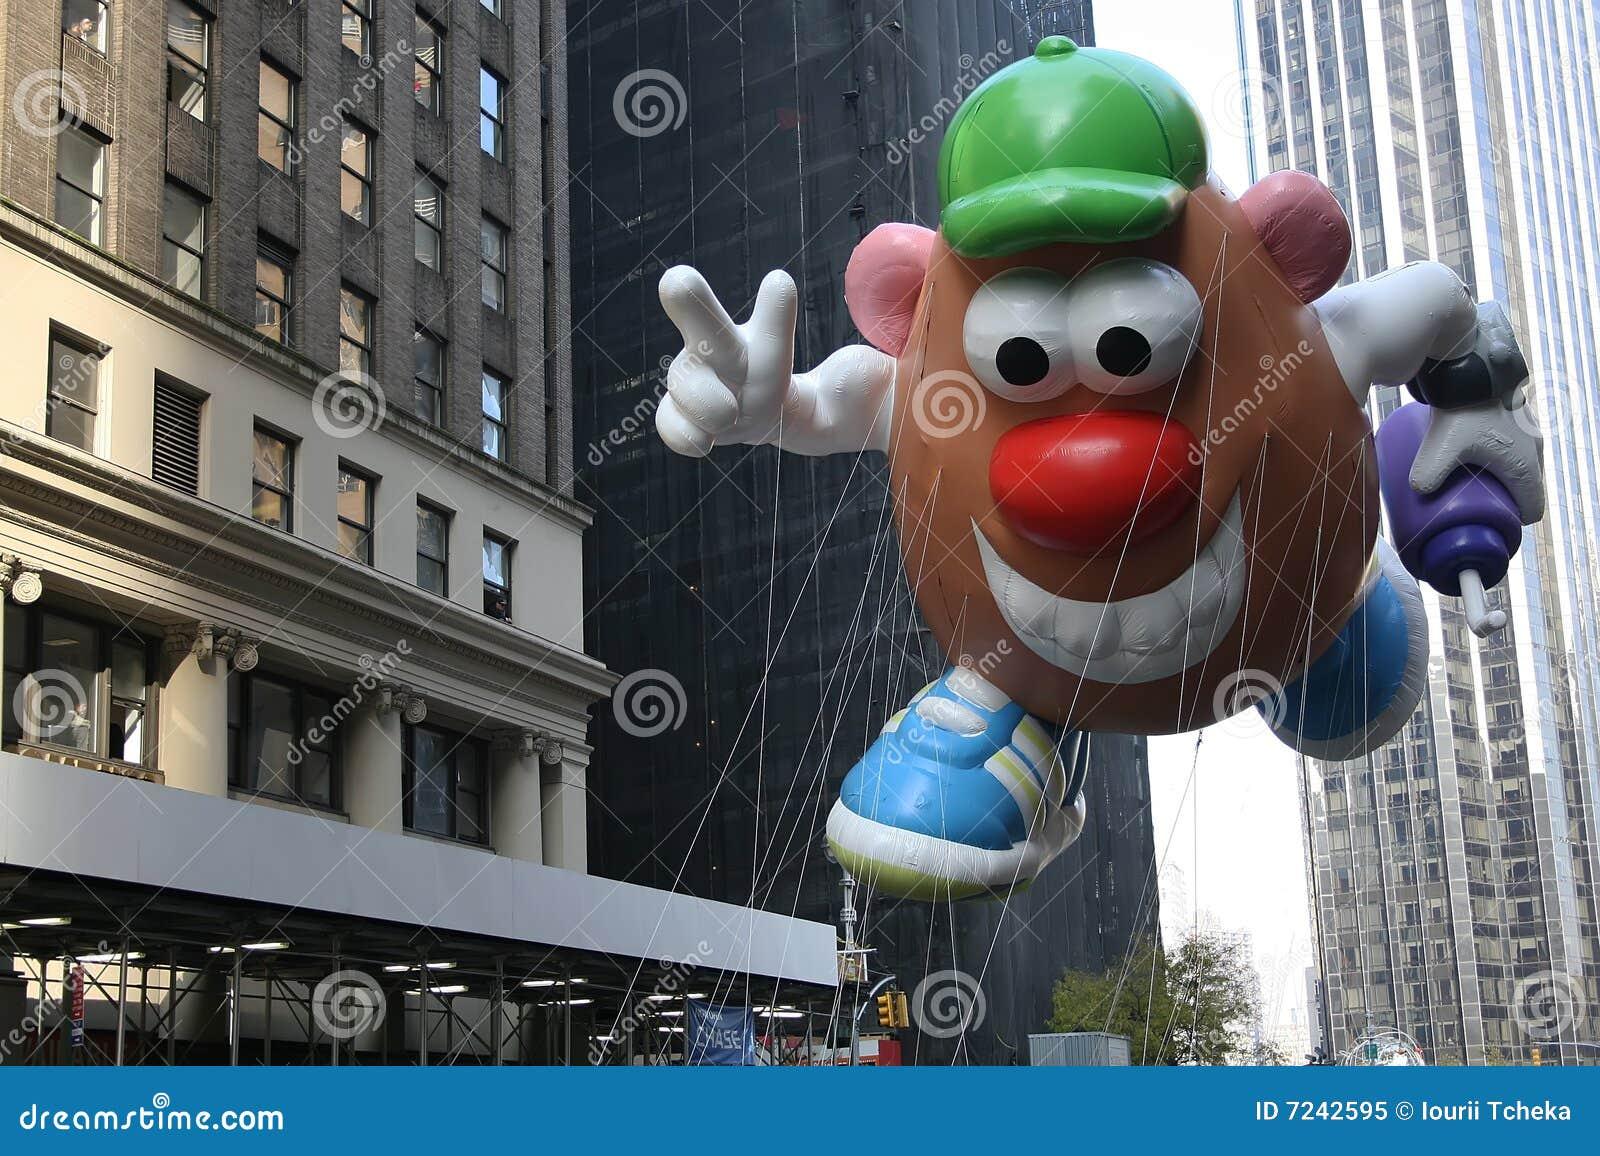 κεφάλι μπαλονιών ο κ. potato